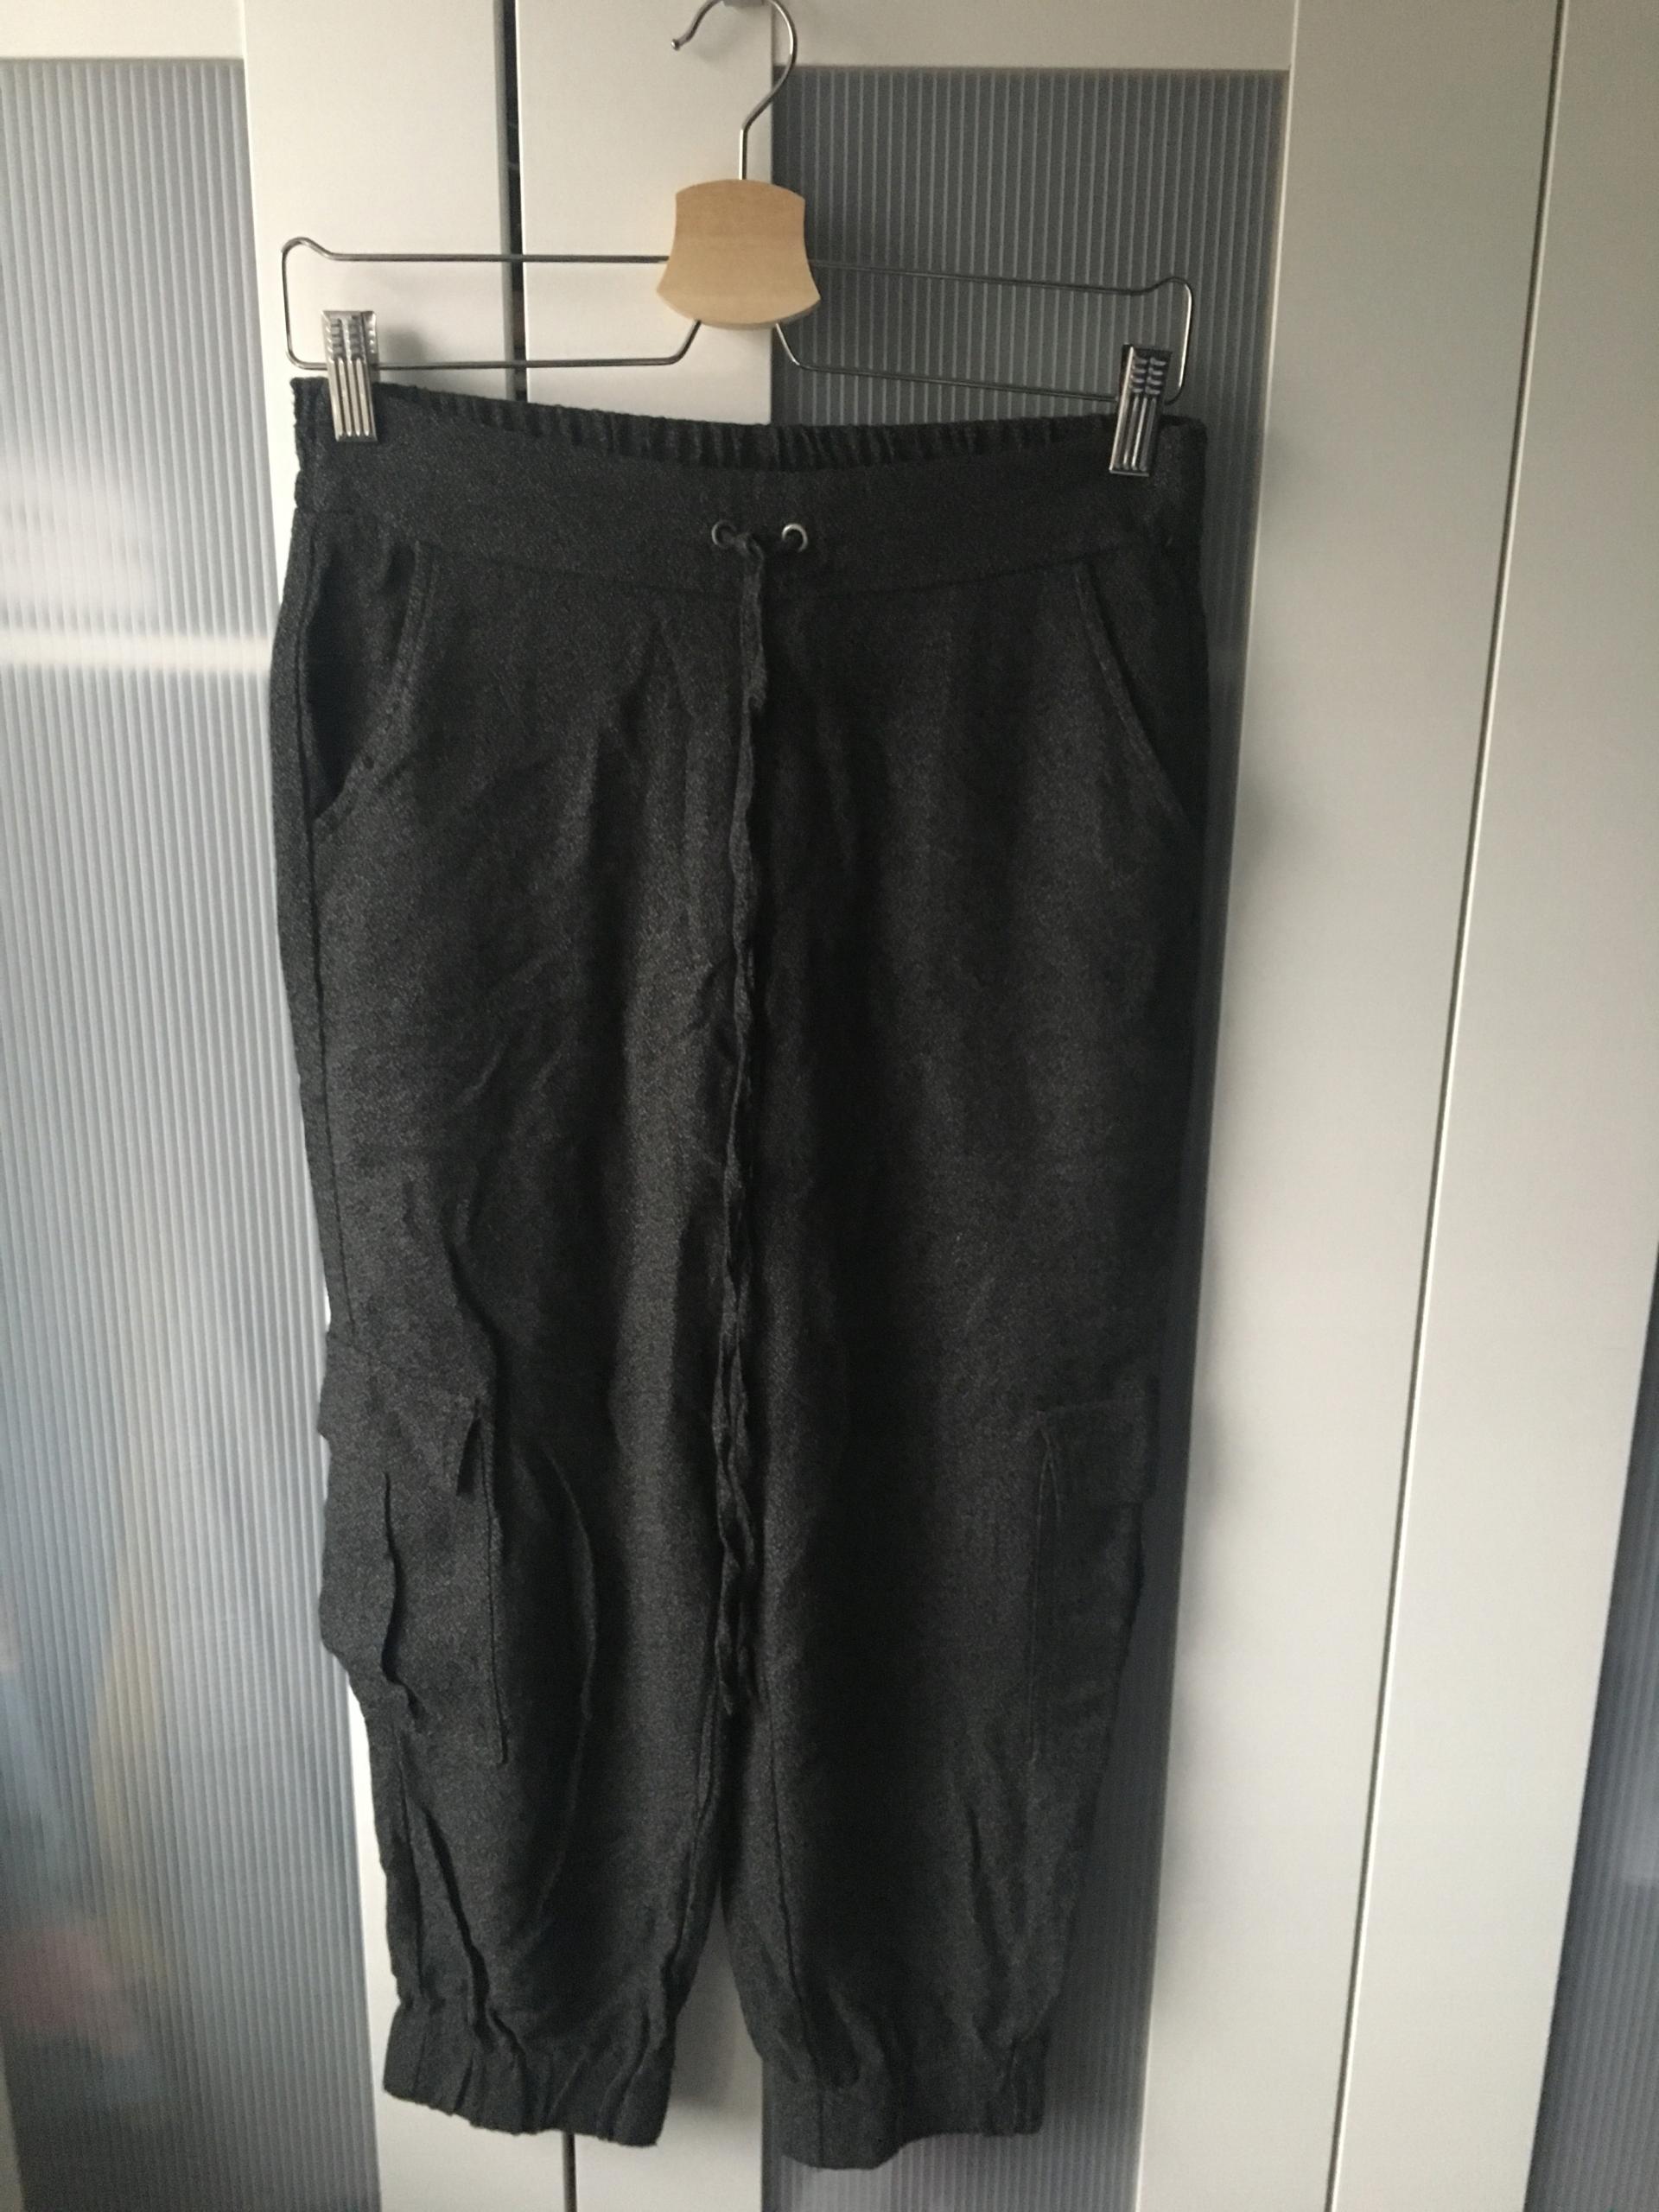 MANGO spodnie baggy szare kieszenie jak ZARA 34/XS